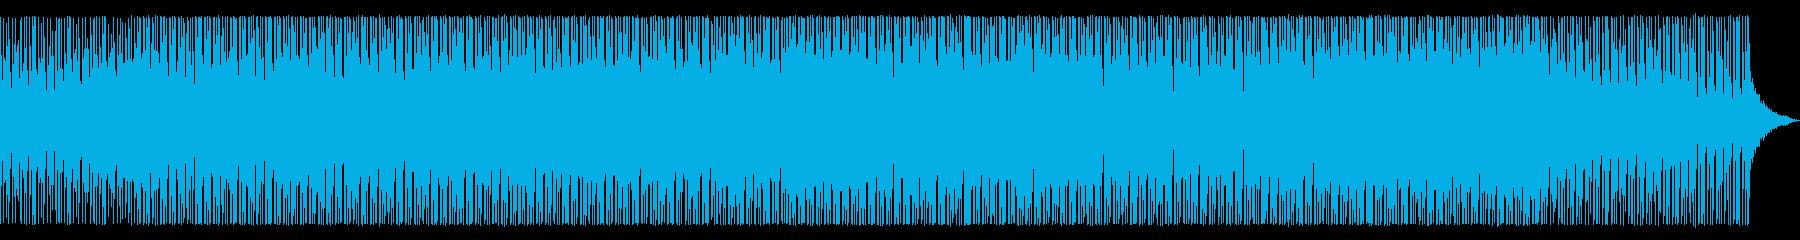 バサノバ ポジティブ 明るい 野生...の再生済みの波形